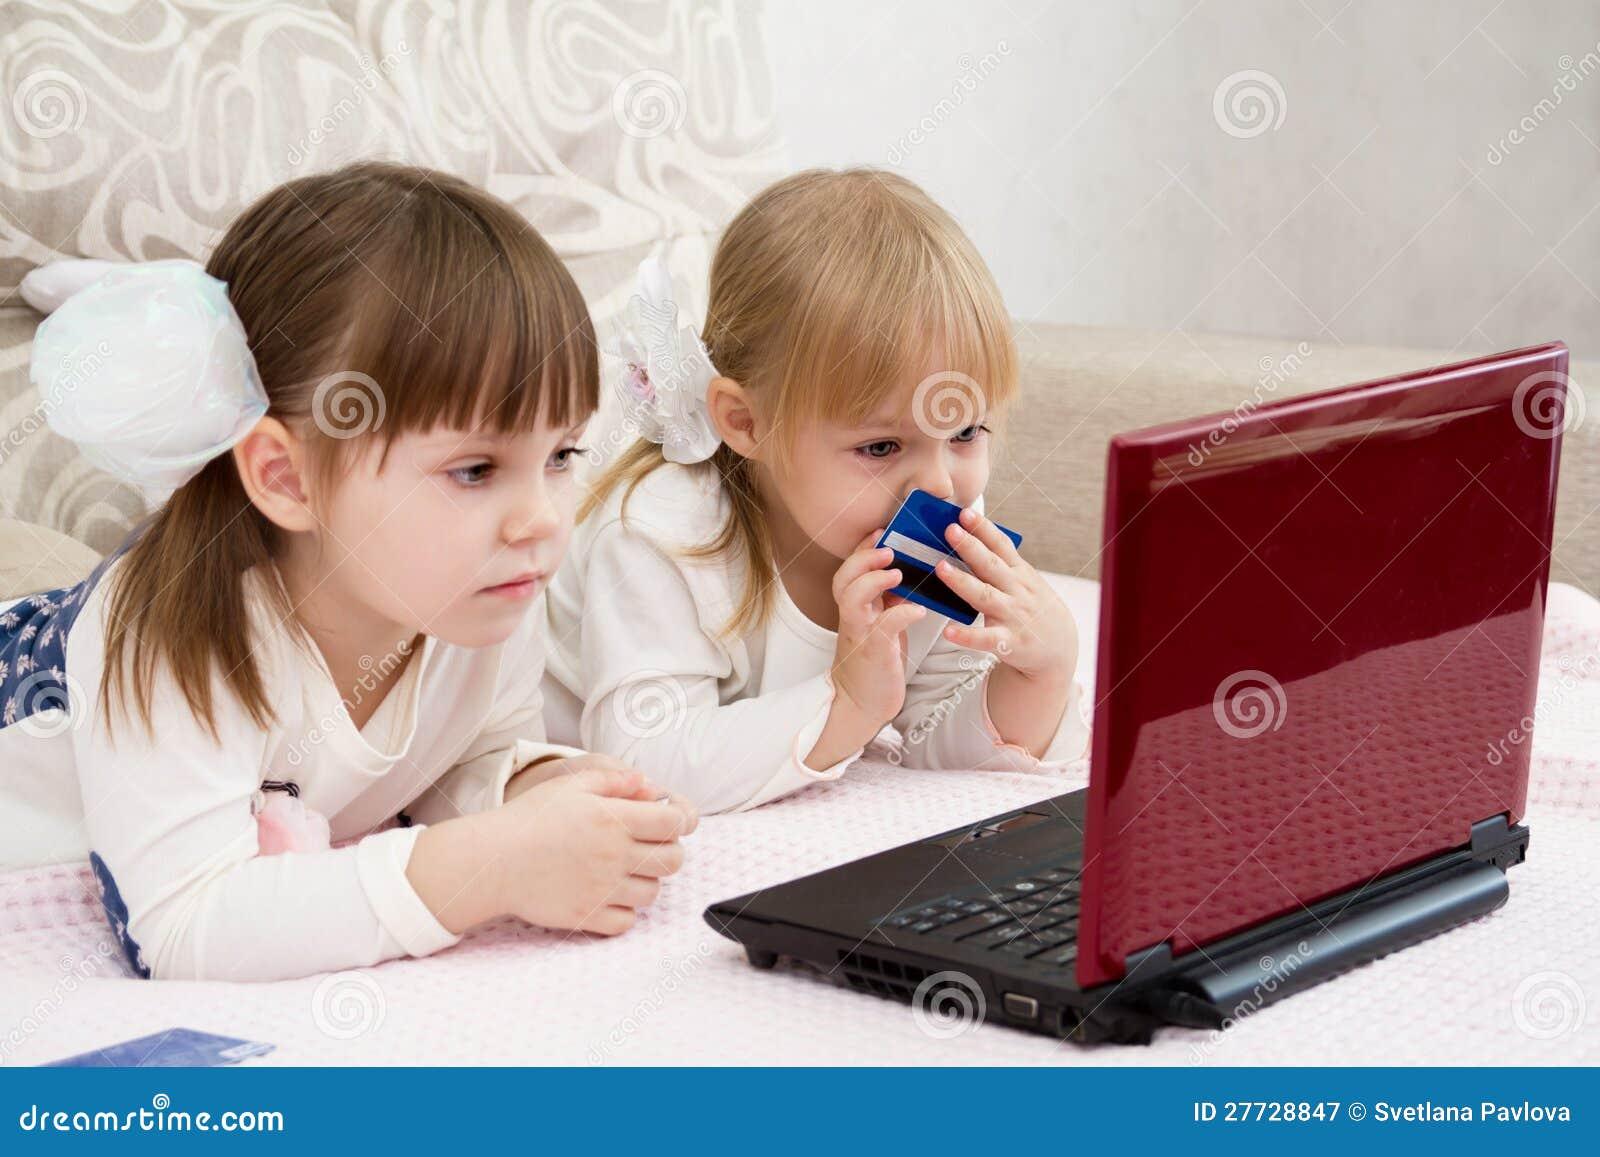 Zwei kleine Mädchen sind mit einem Laptop